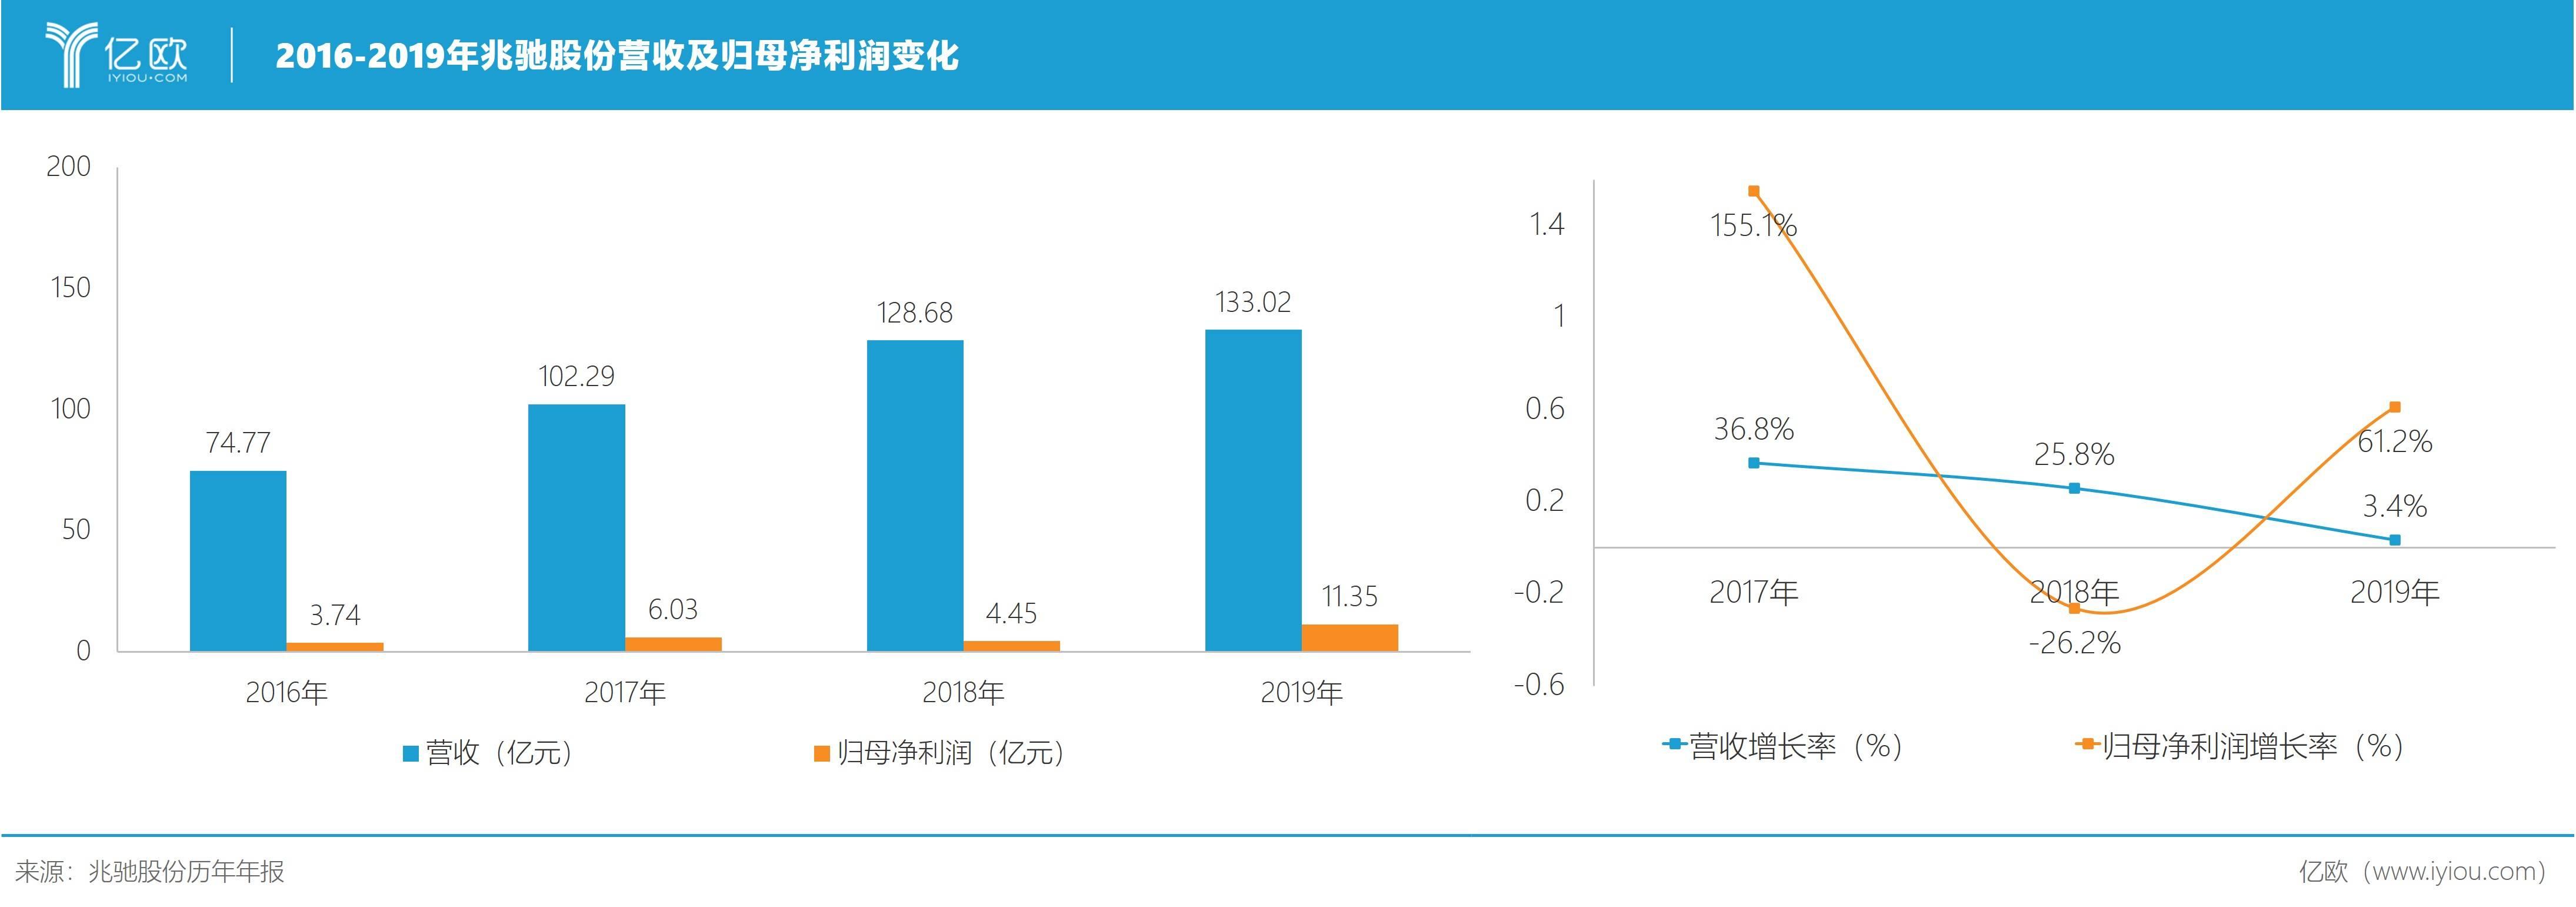 图1:2016-2019年兆驰股份营收及归母净利润变化